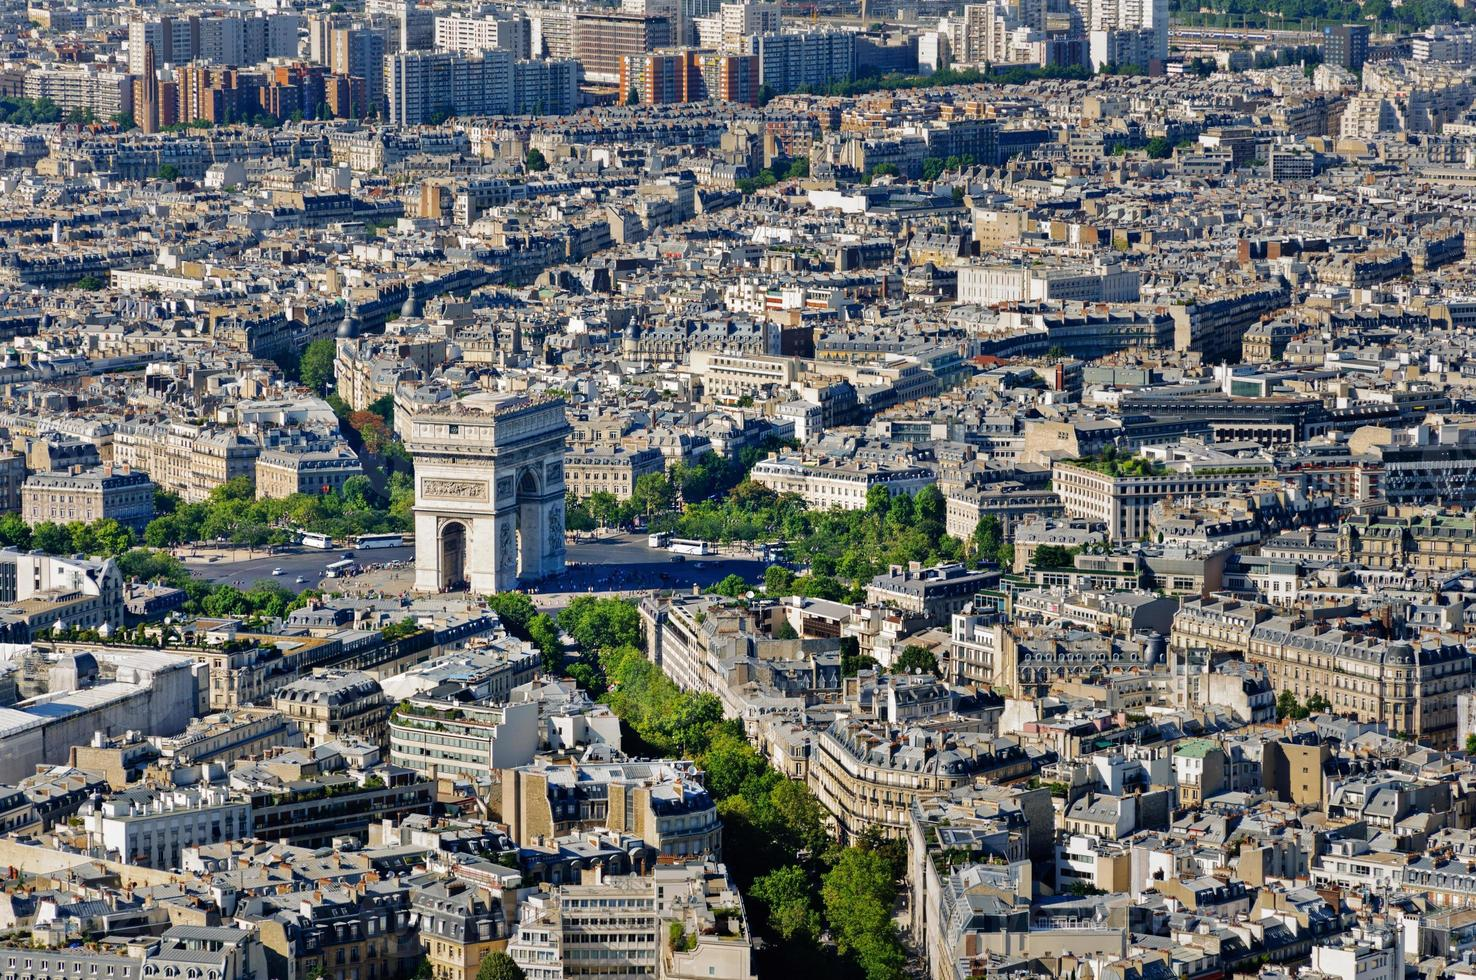 place de l'etoile och arc de triomphe place, Paris, Frankrike foto